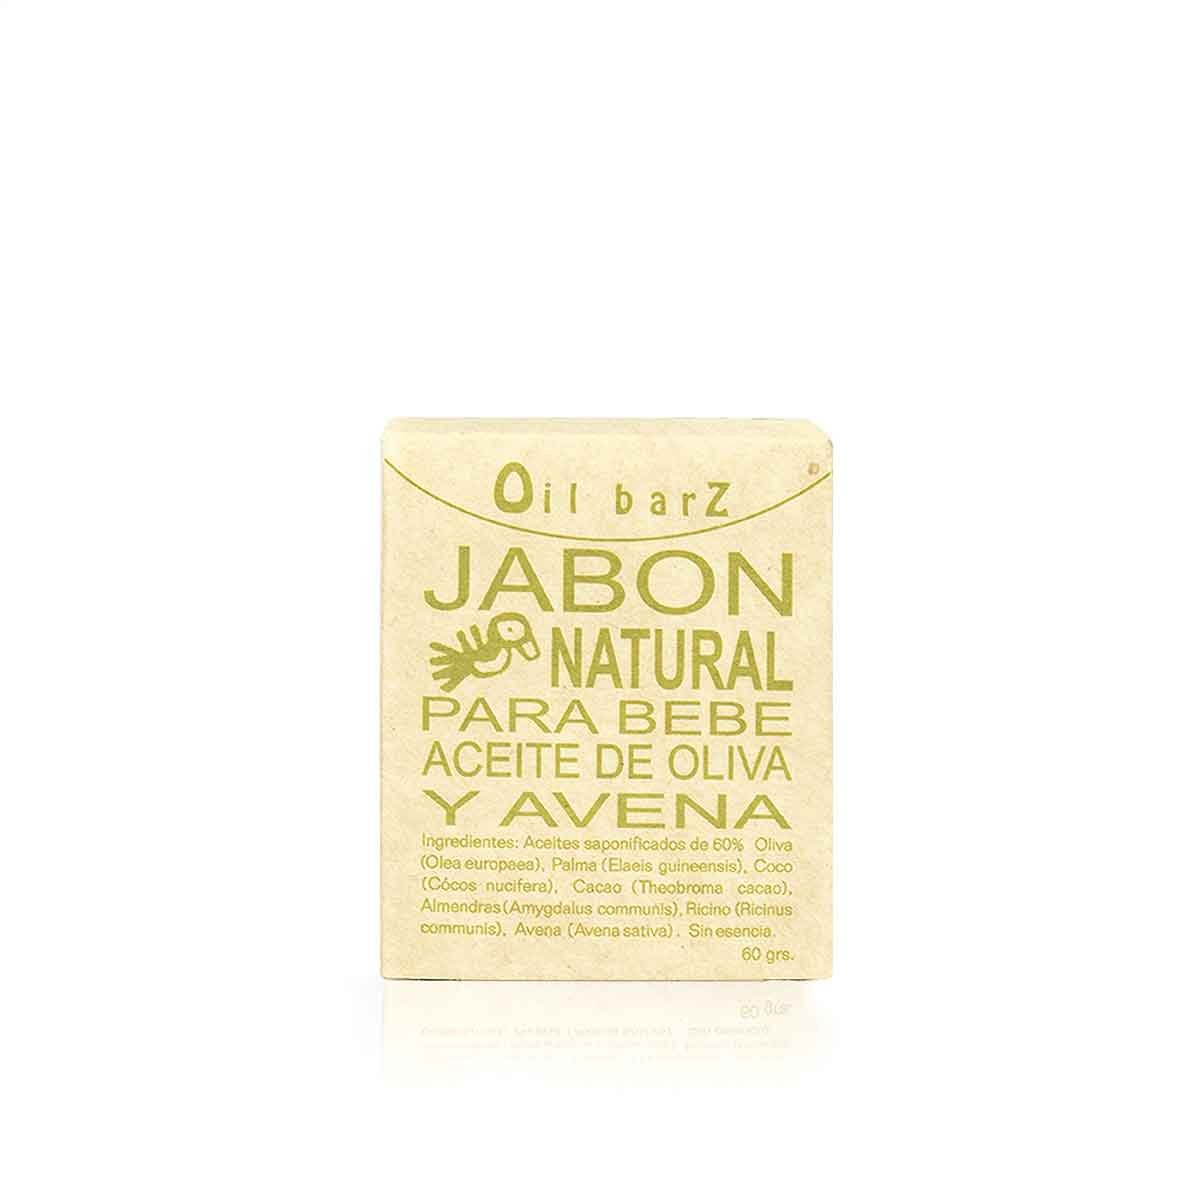 Jab n natural para bebe oliva y avena oil barz sears - Jabon natural para lavadora ...